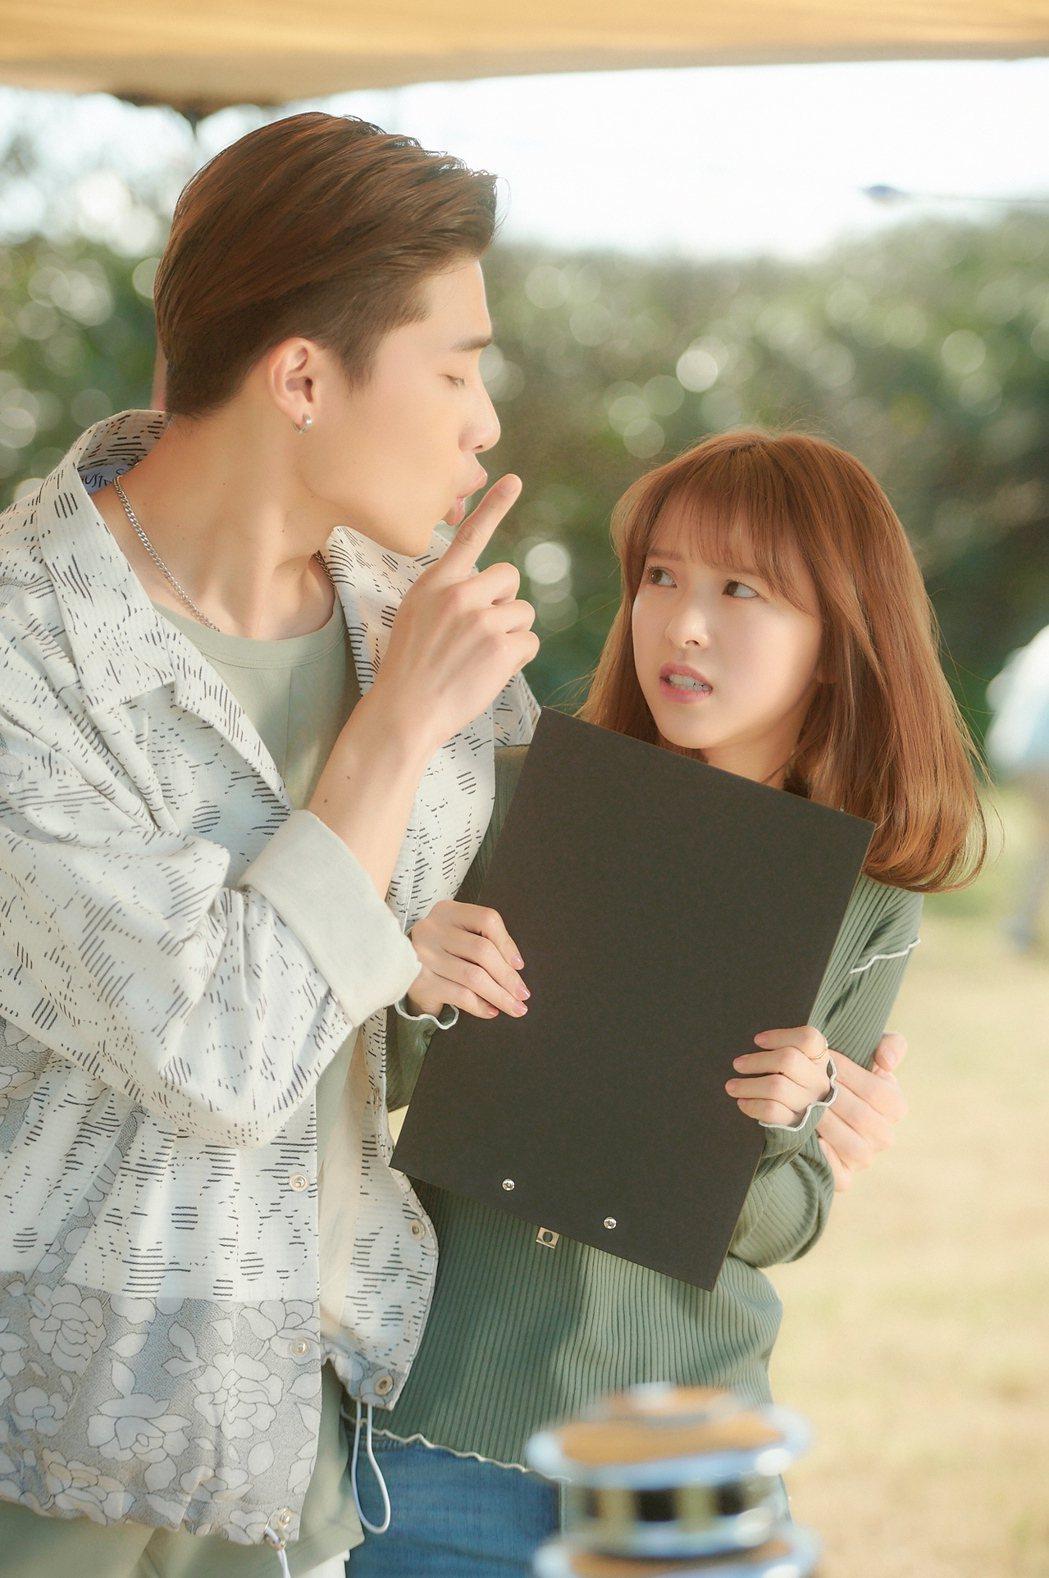 宋偉恩(左)在劇中飾演項婕如的前男友,自戀又有控制狂。圖/LINE TV提供